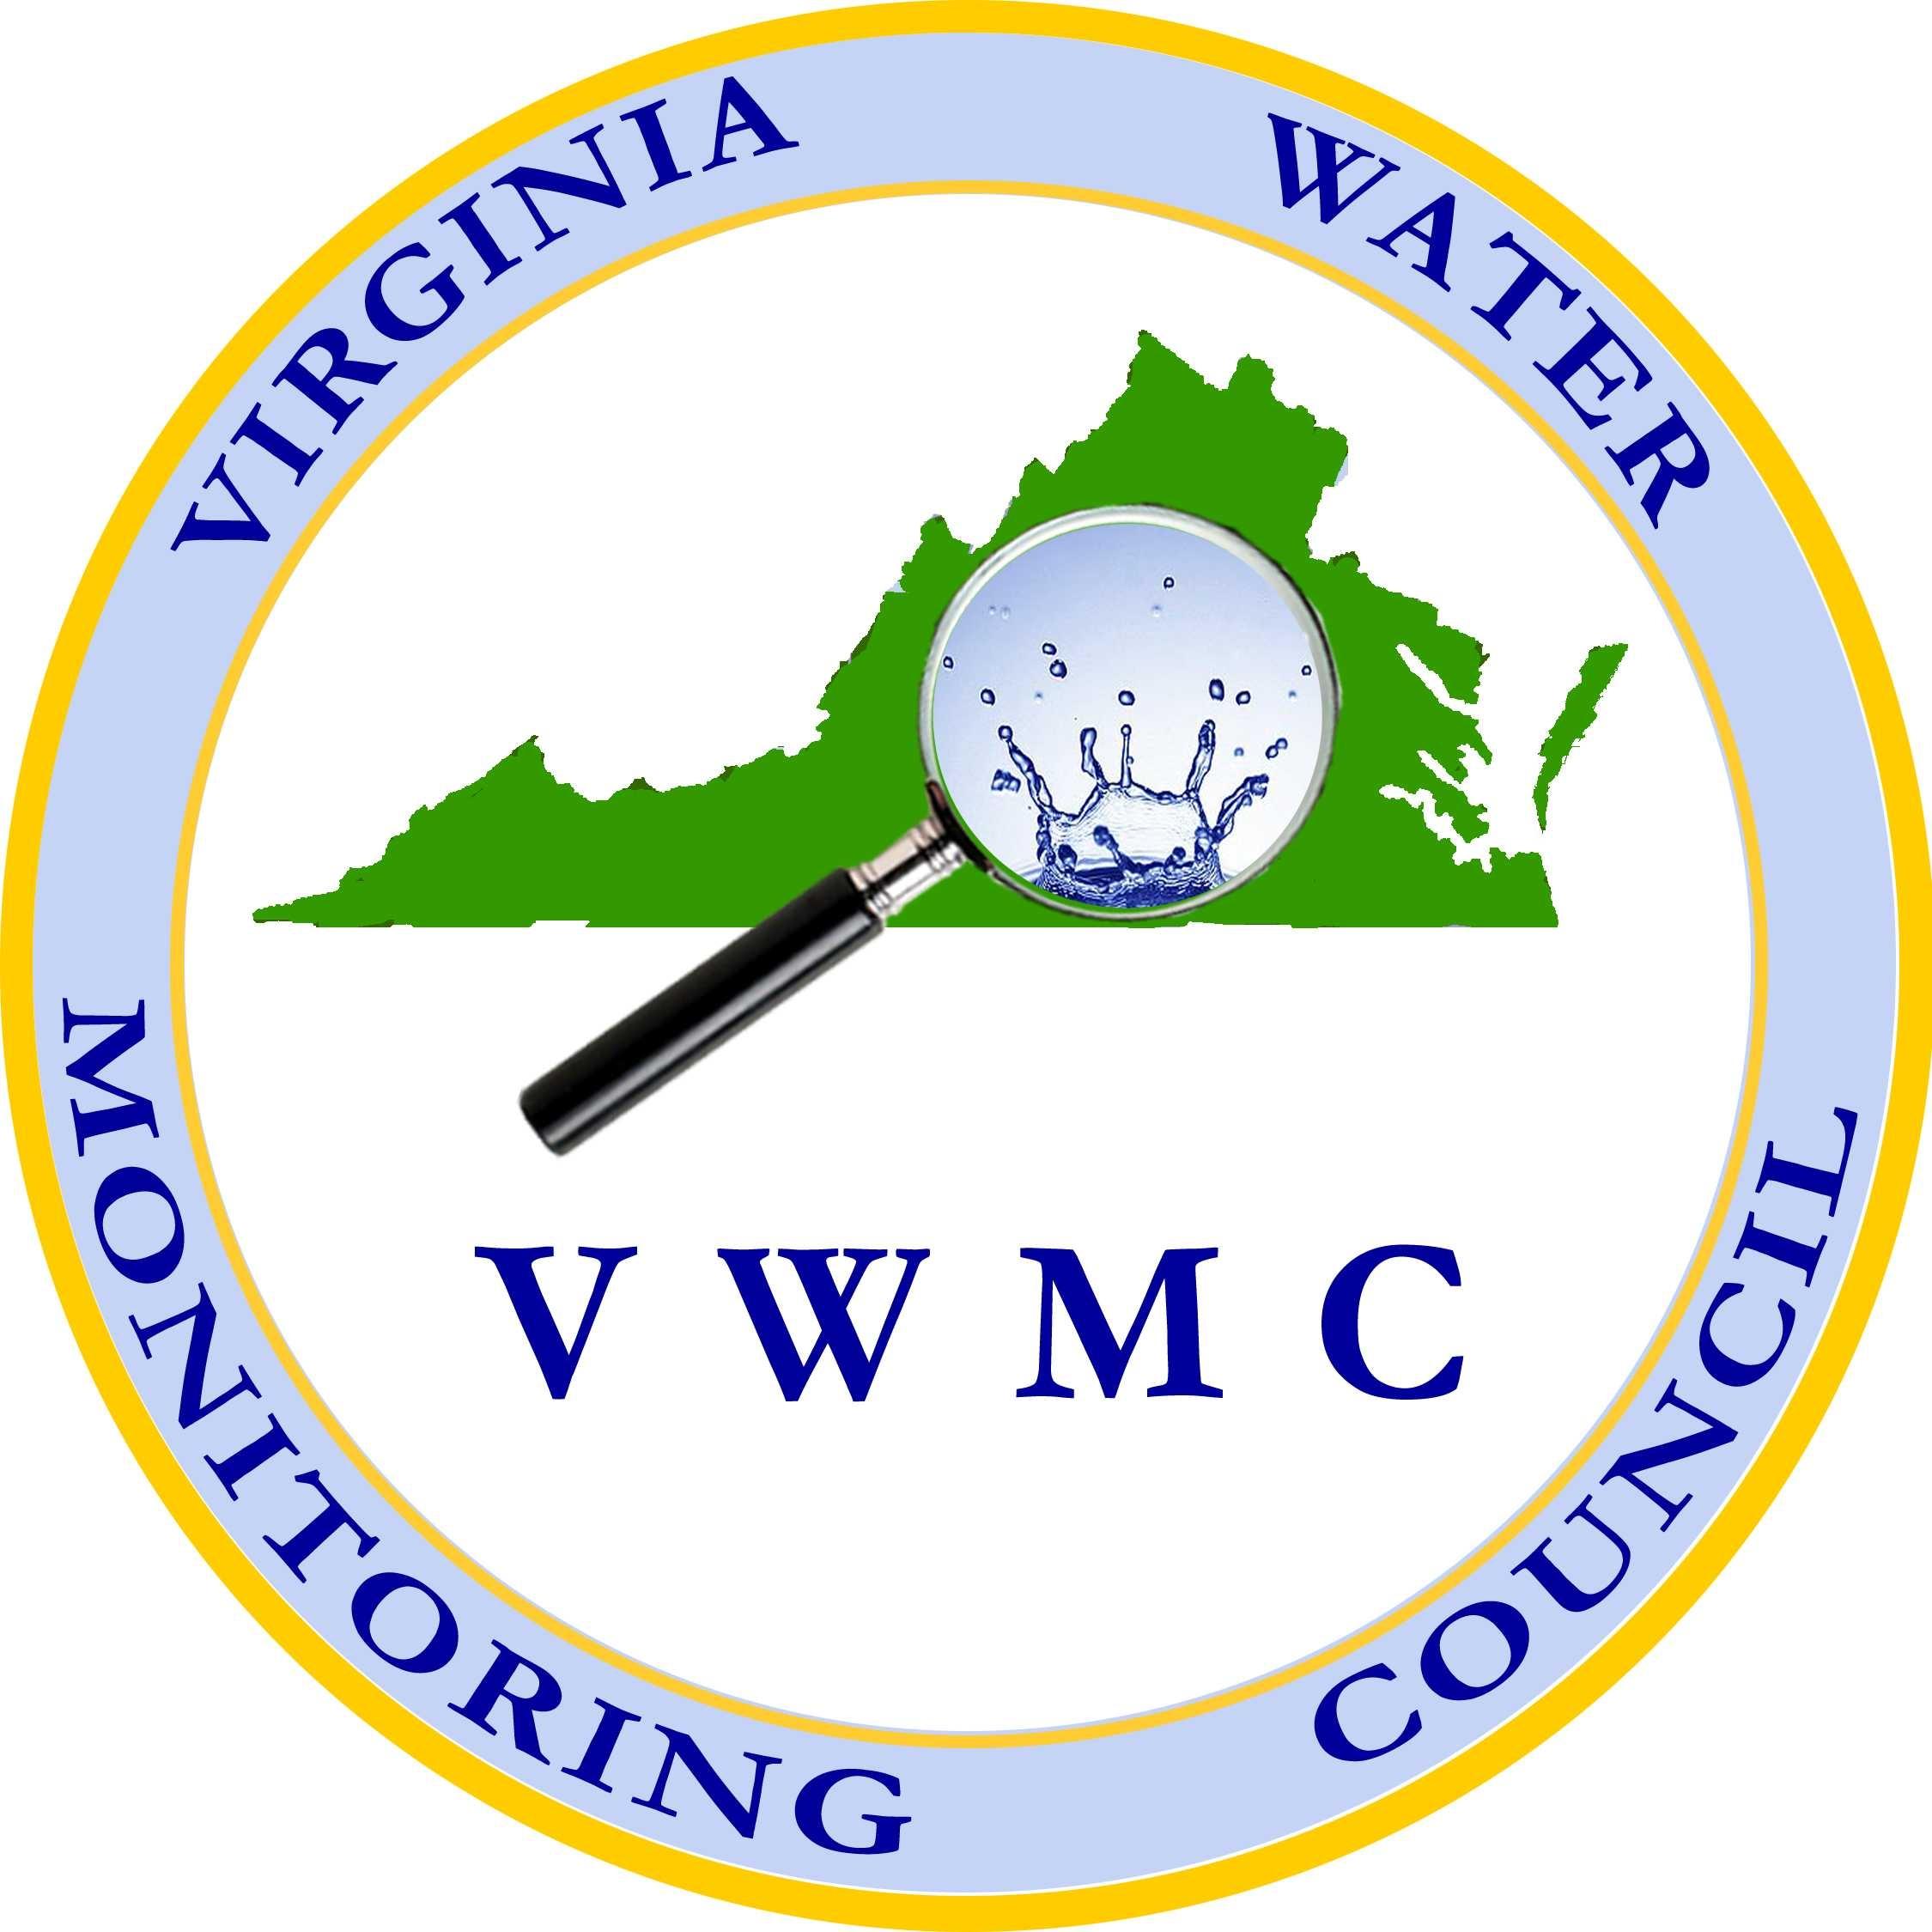 VWMC logo